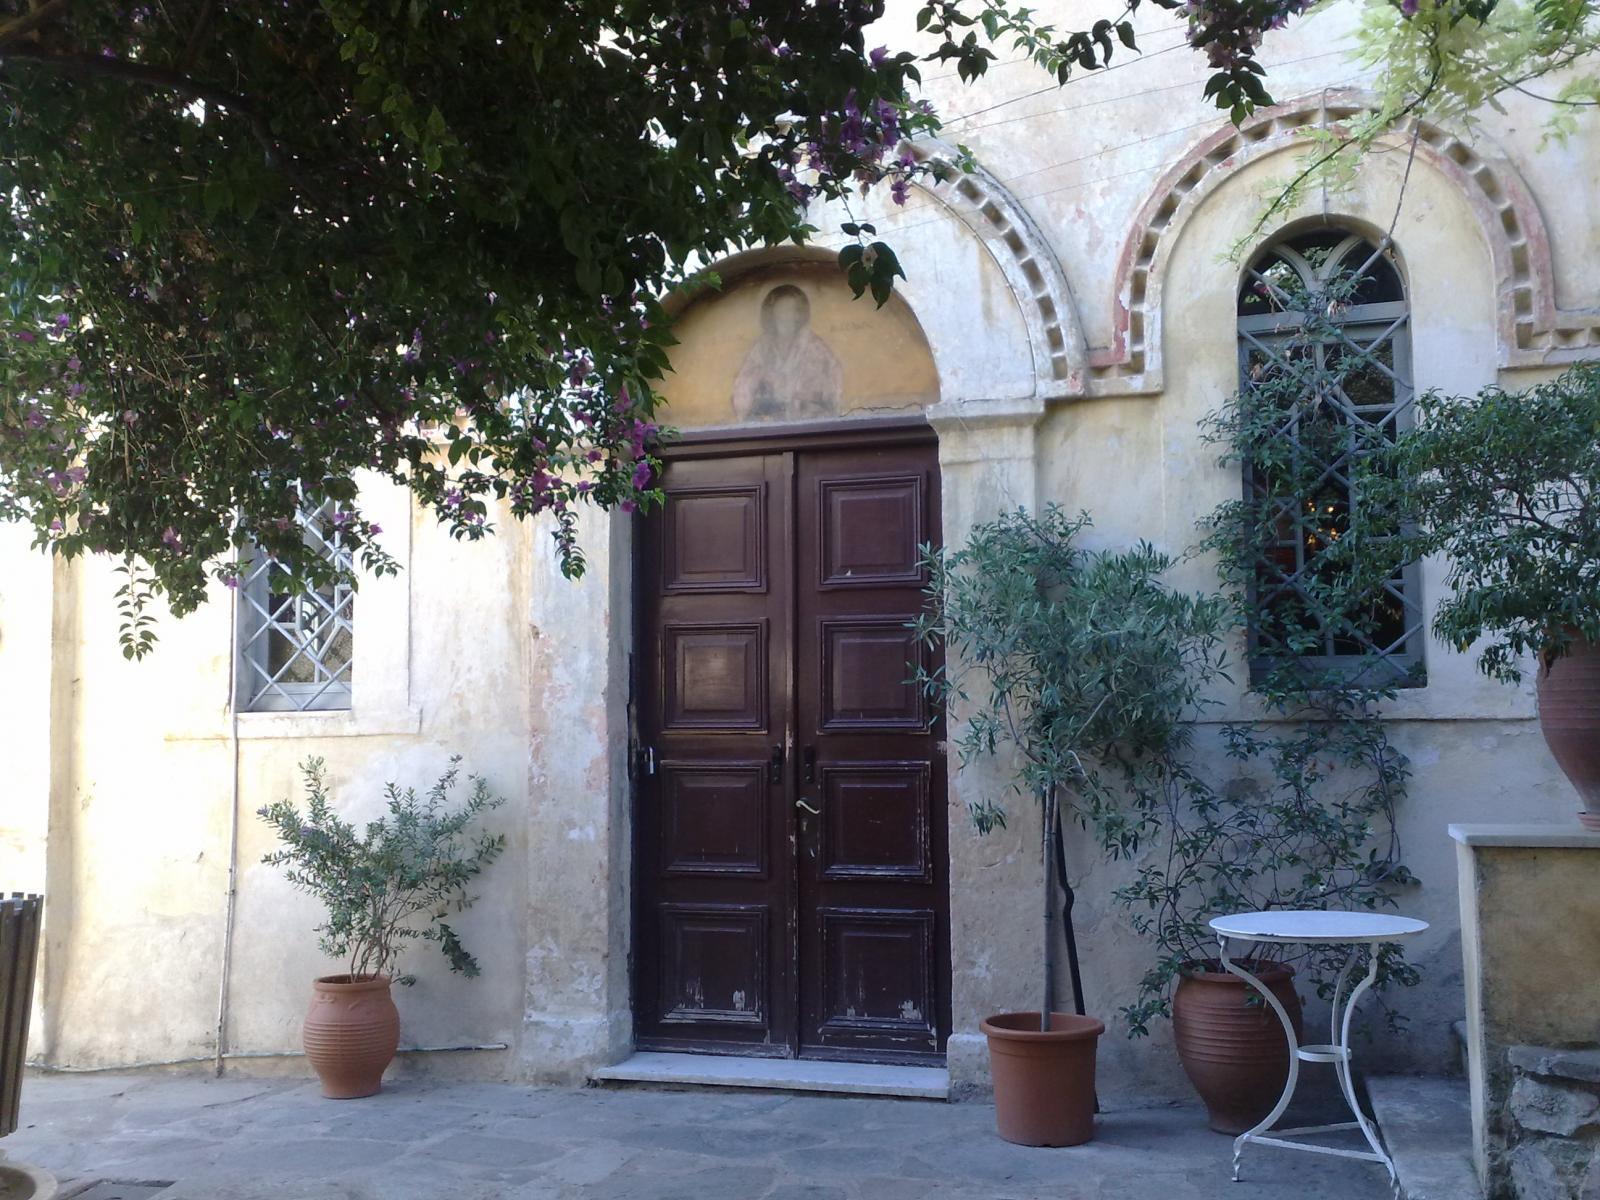 Βυζαντινὸς ιερός ναὸς τοῦ Ἁγίου Νικολάου Ραγκαβᾶ